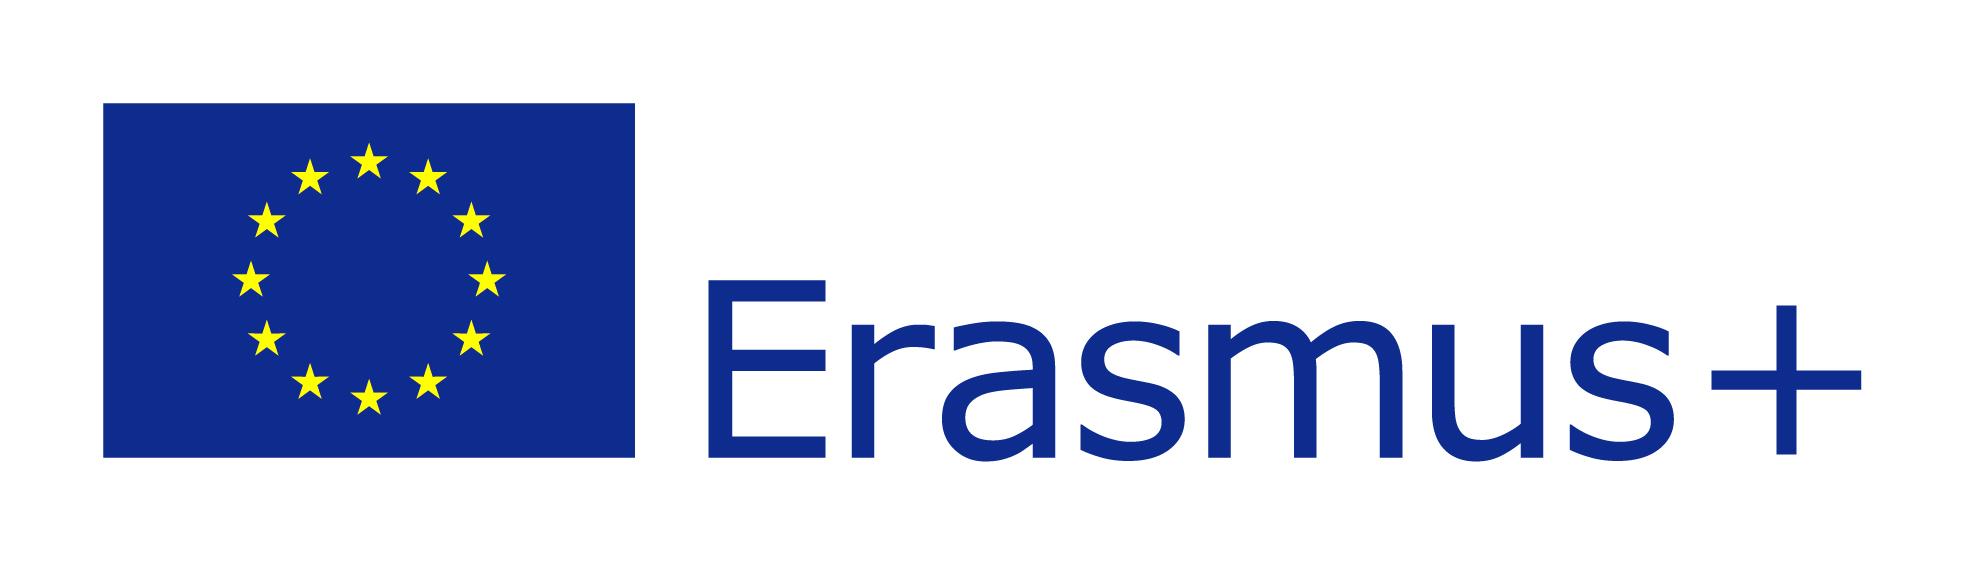 http://m.82-200.pl/2020/01/orig/eu-flag-erasmus-vect-pos-5387.jpg